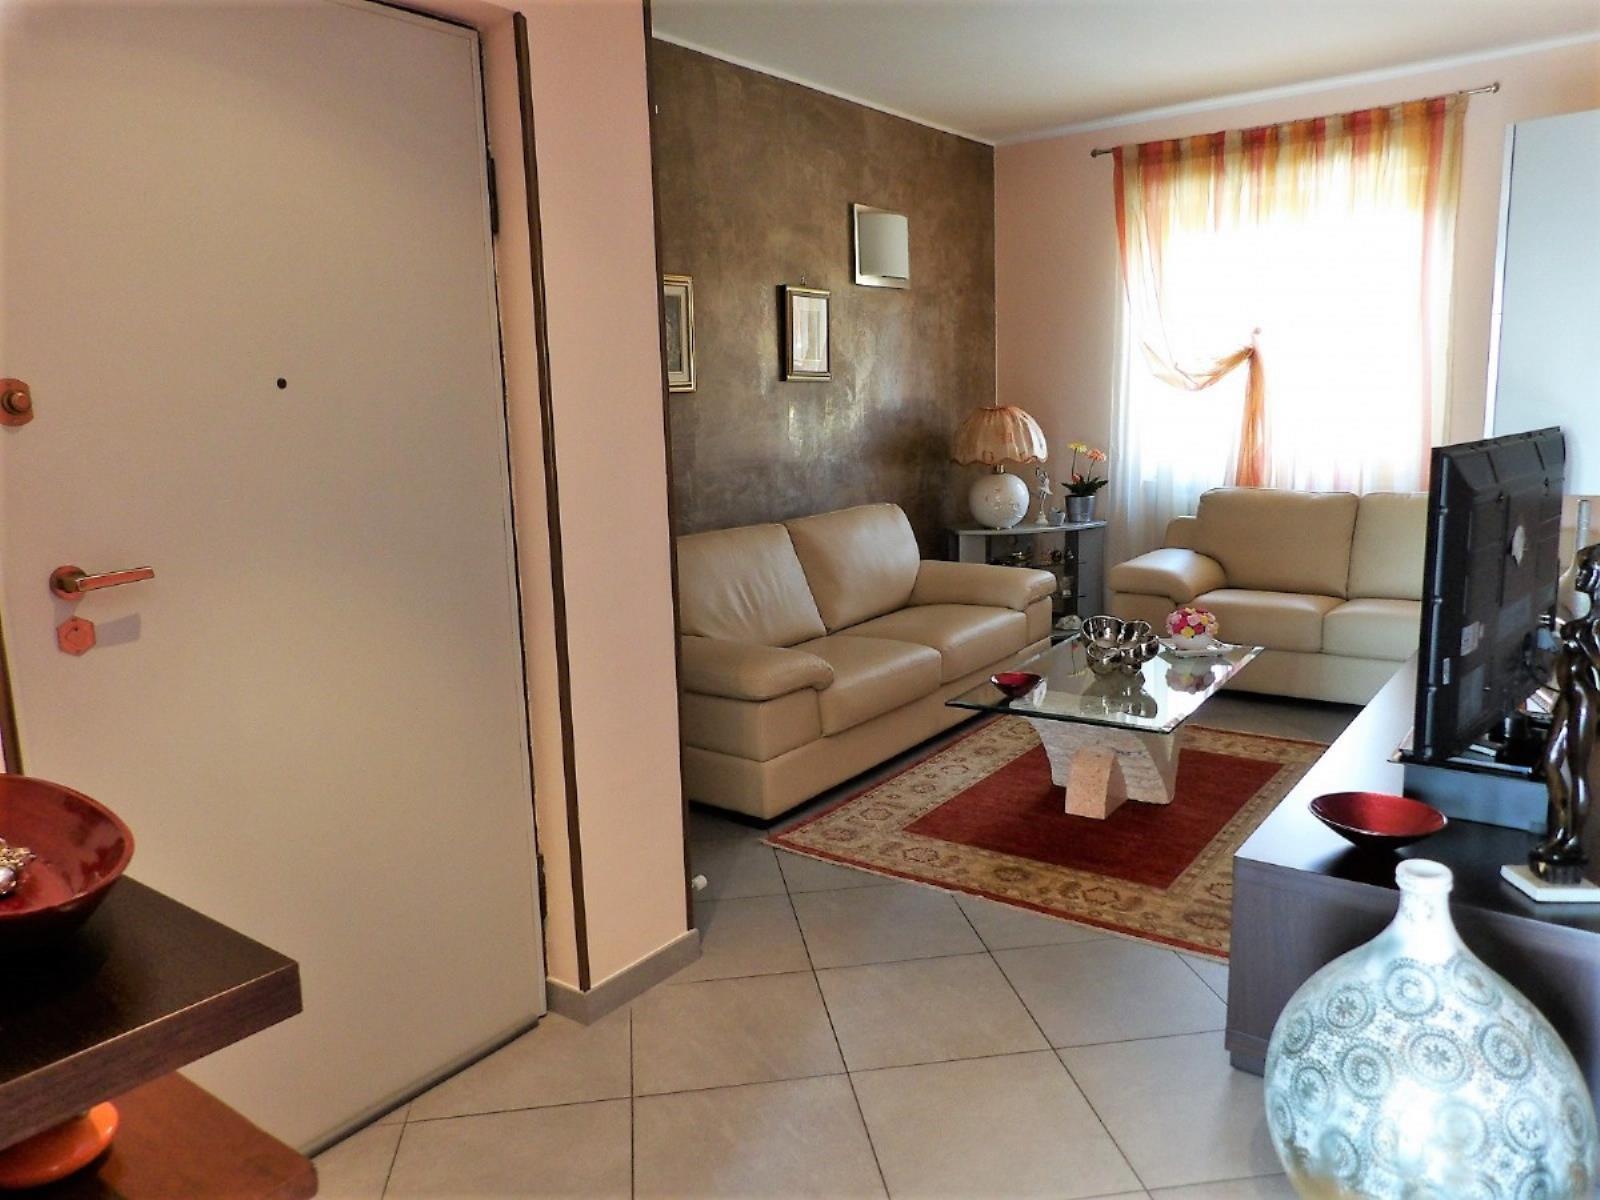 Vendita appartamento di 110 m2 romano canavese to for Metraggio di appartamento studio